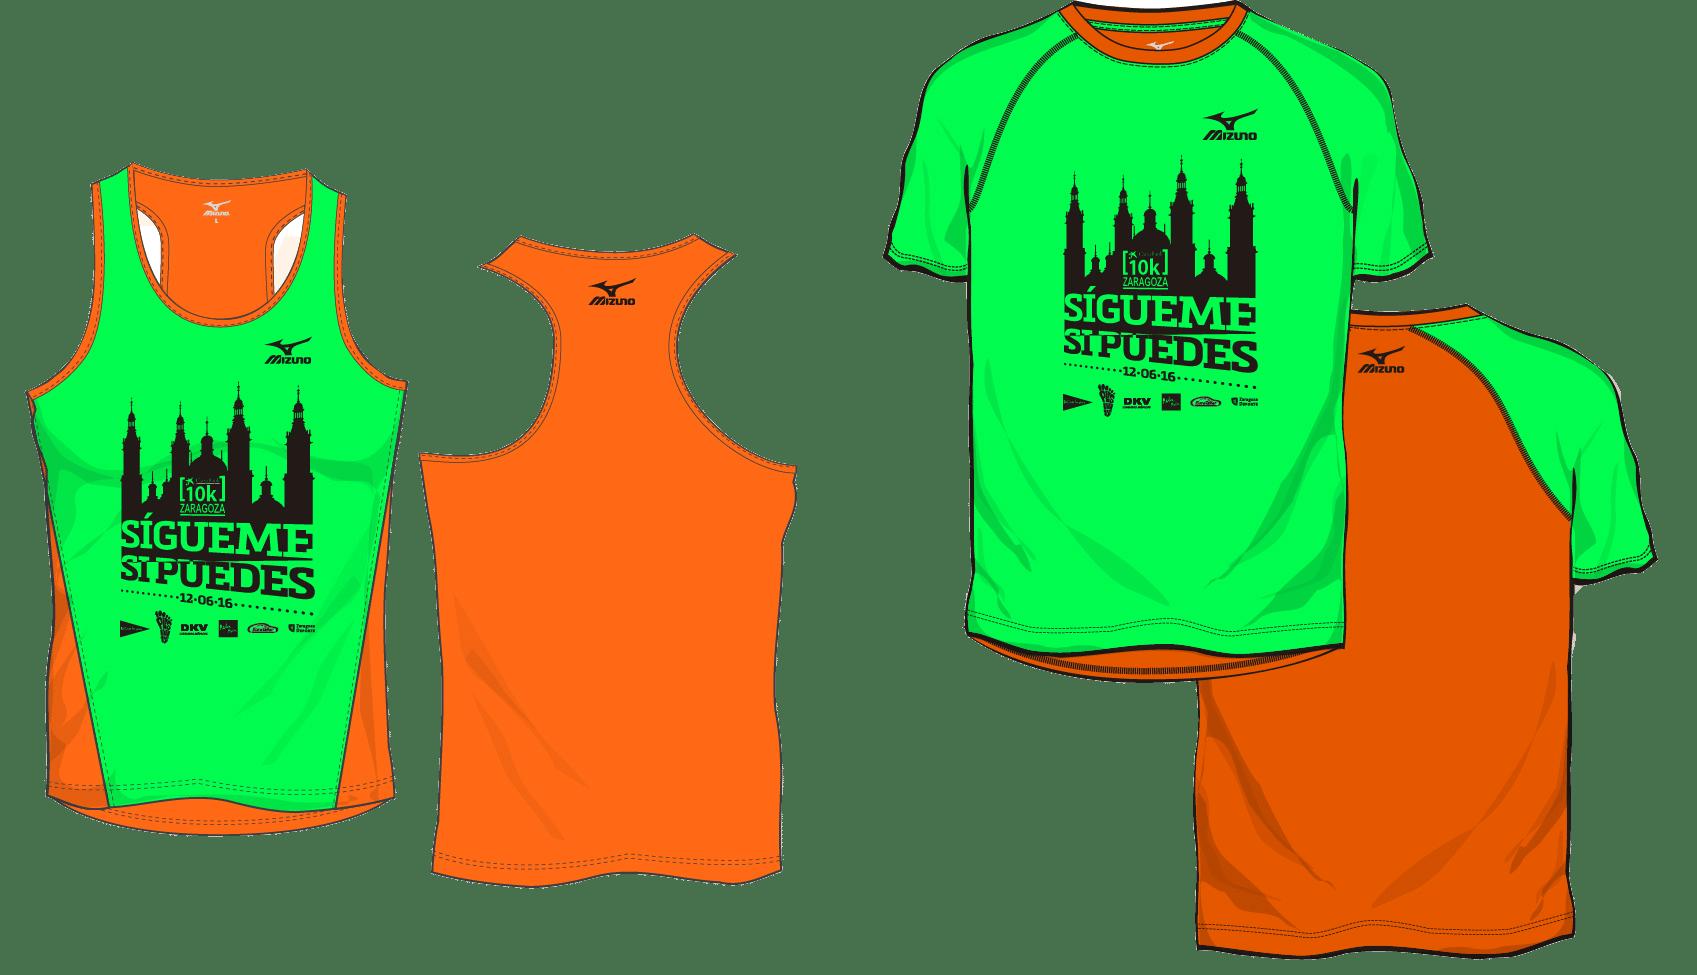 camisetas de la 10k 2016